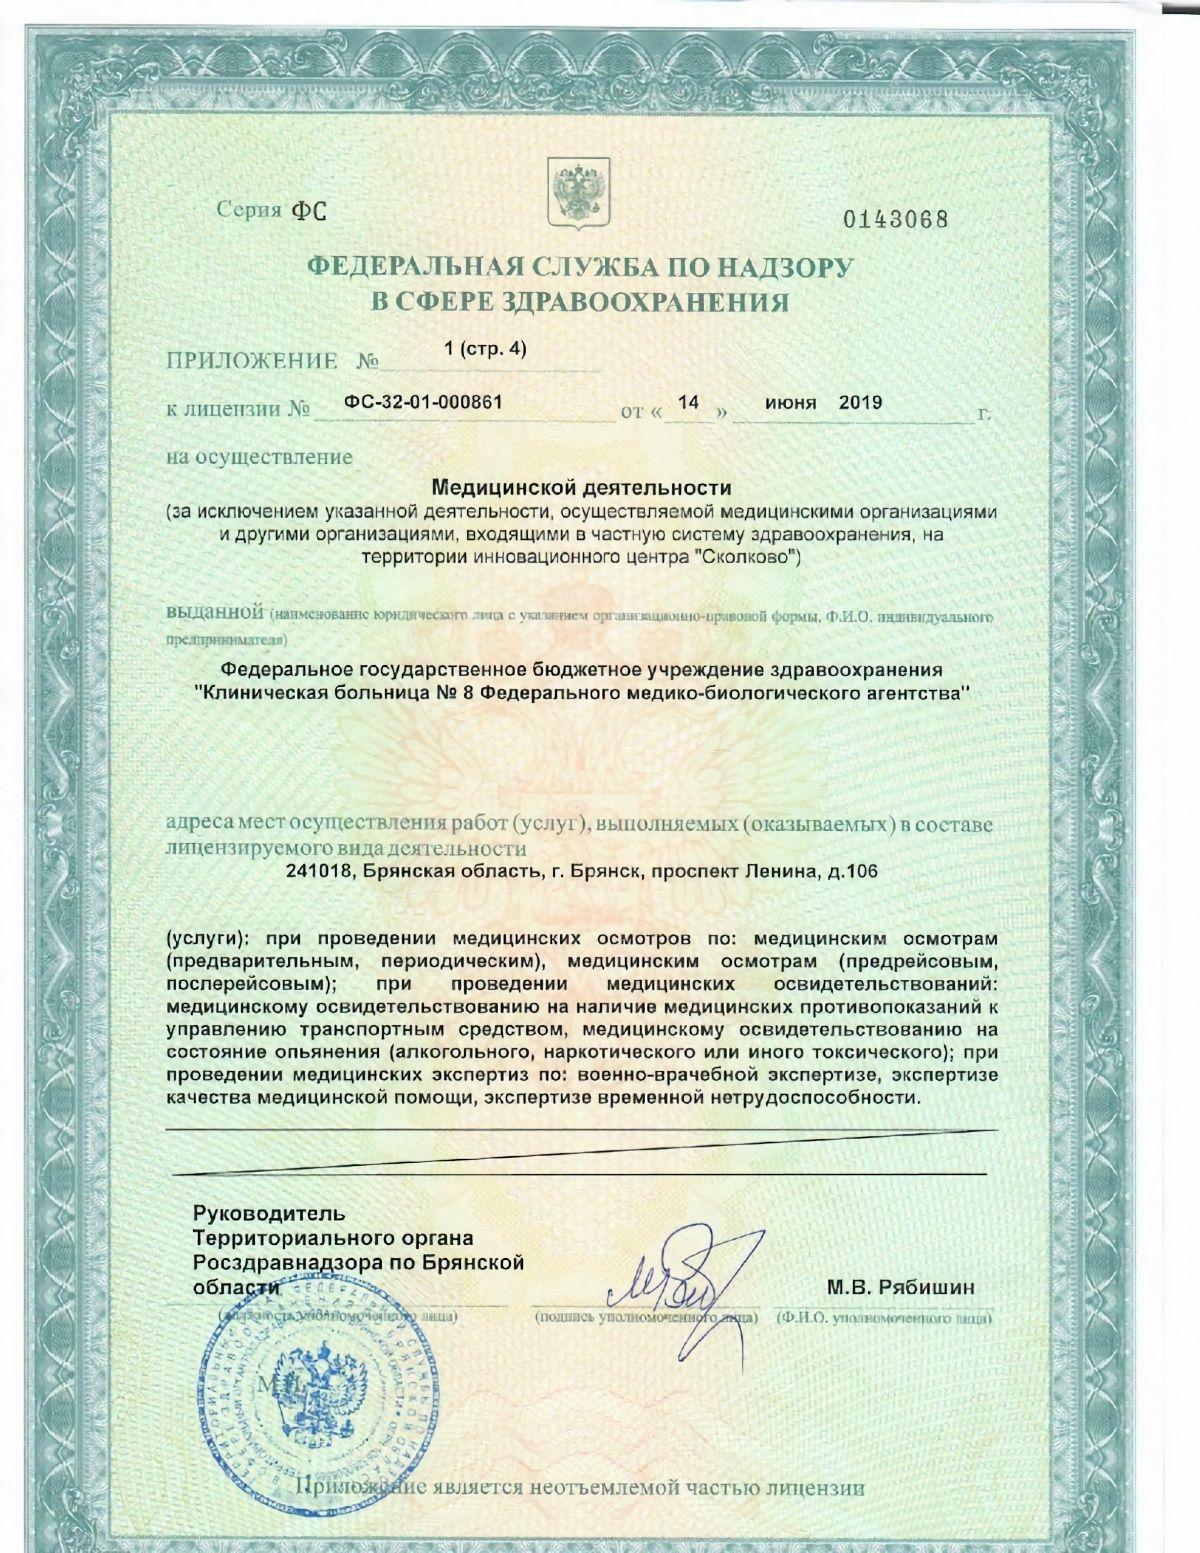 Пример лицензии клиники